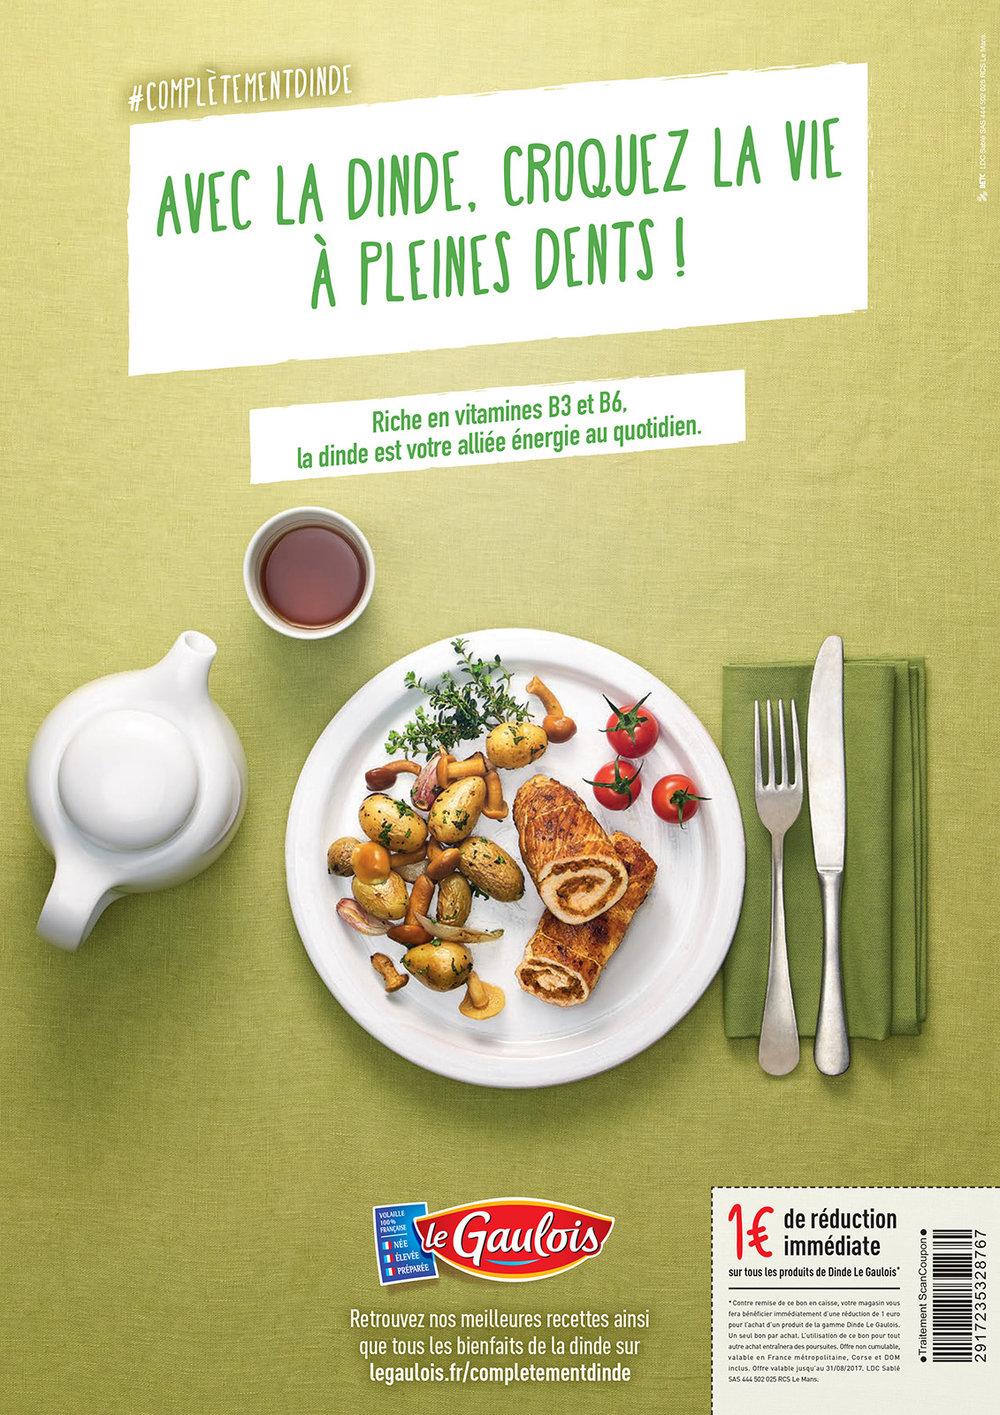 Cecile-et-guillaume_onfaitdesimages-valerie-paumelle-agent-photographe-culinaire (7).jpg